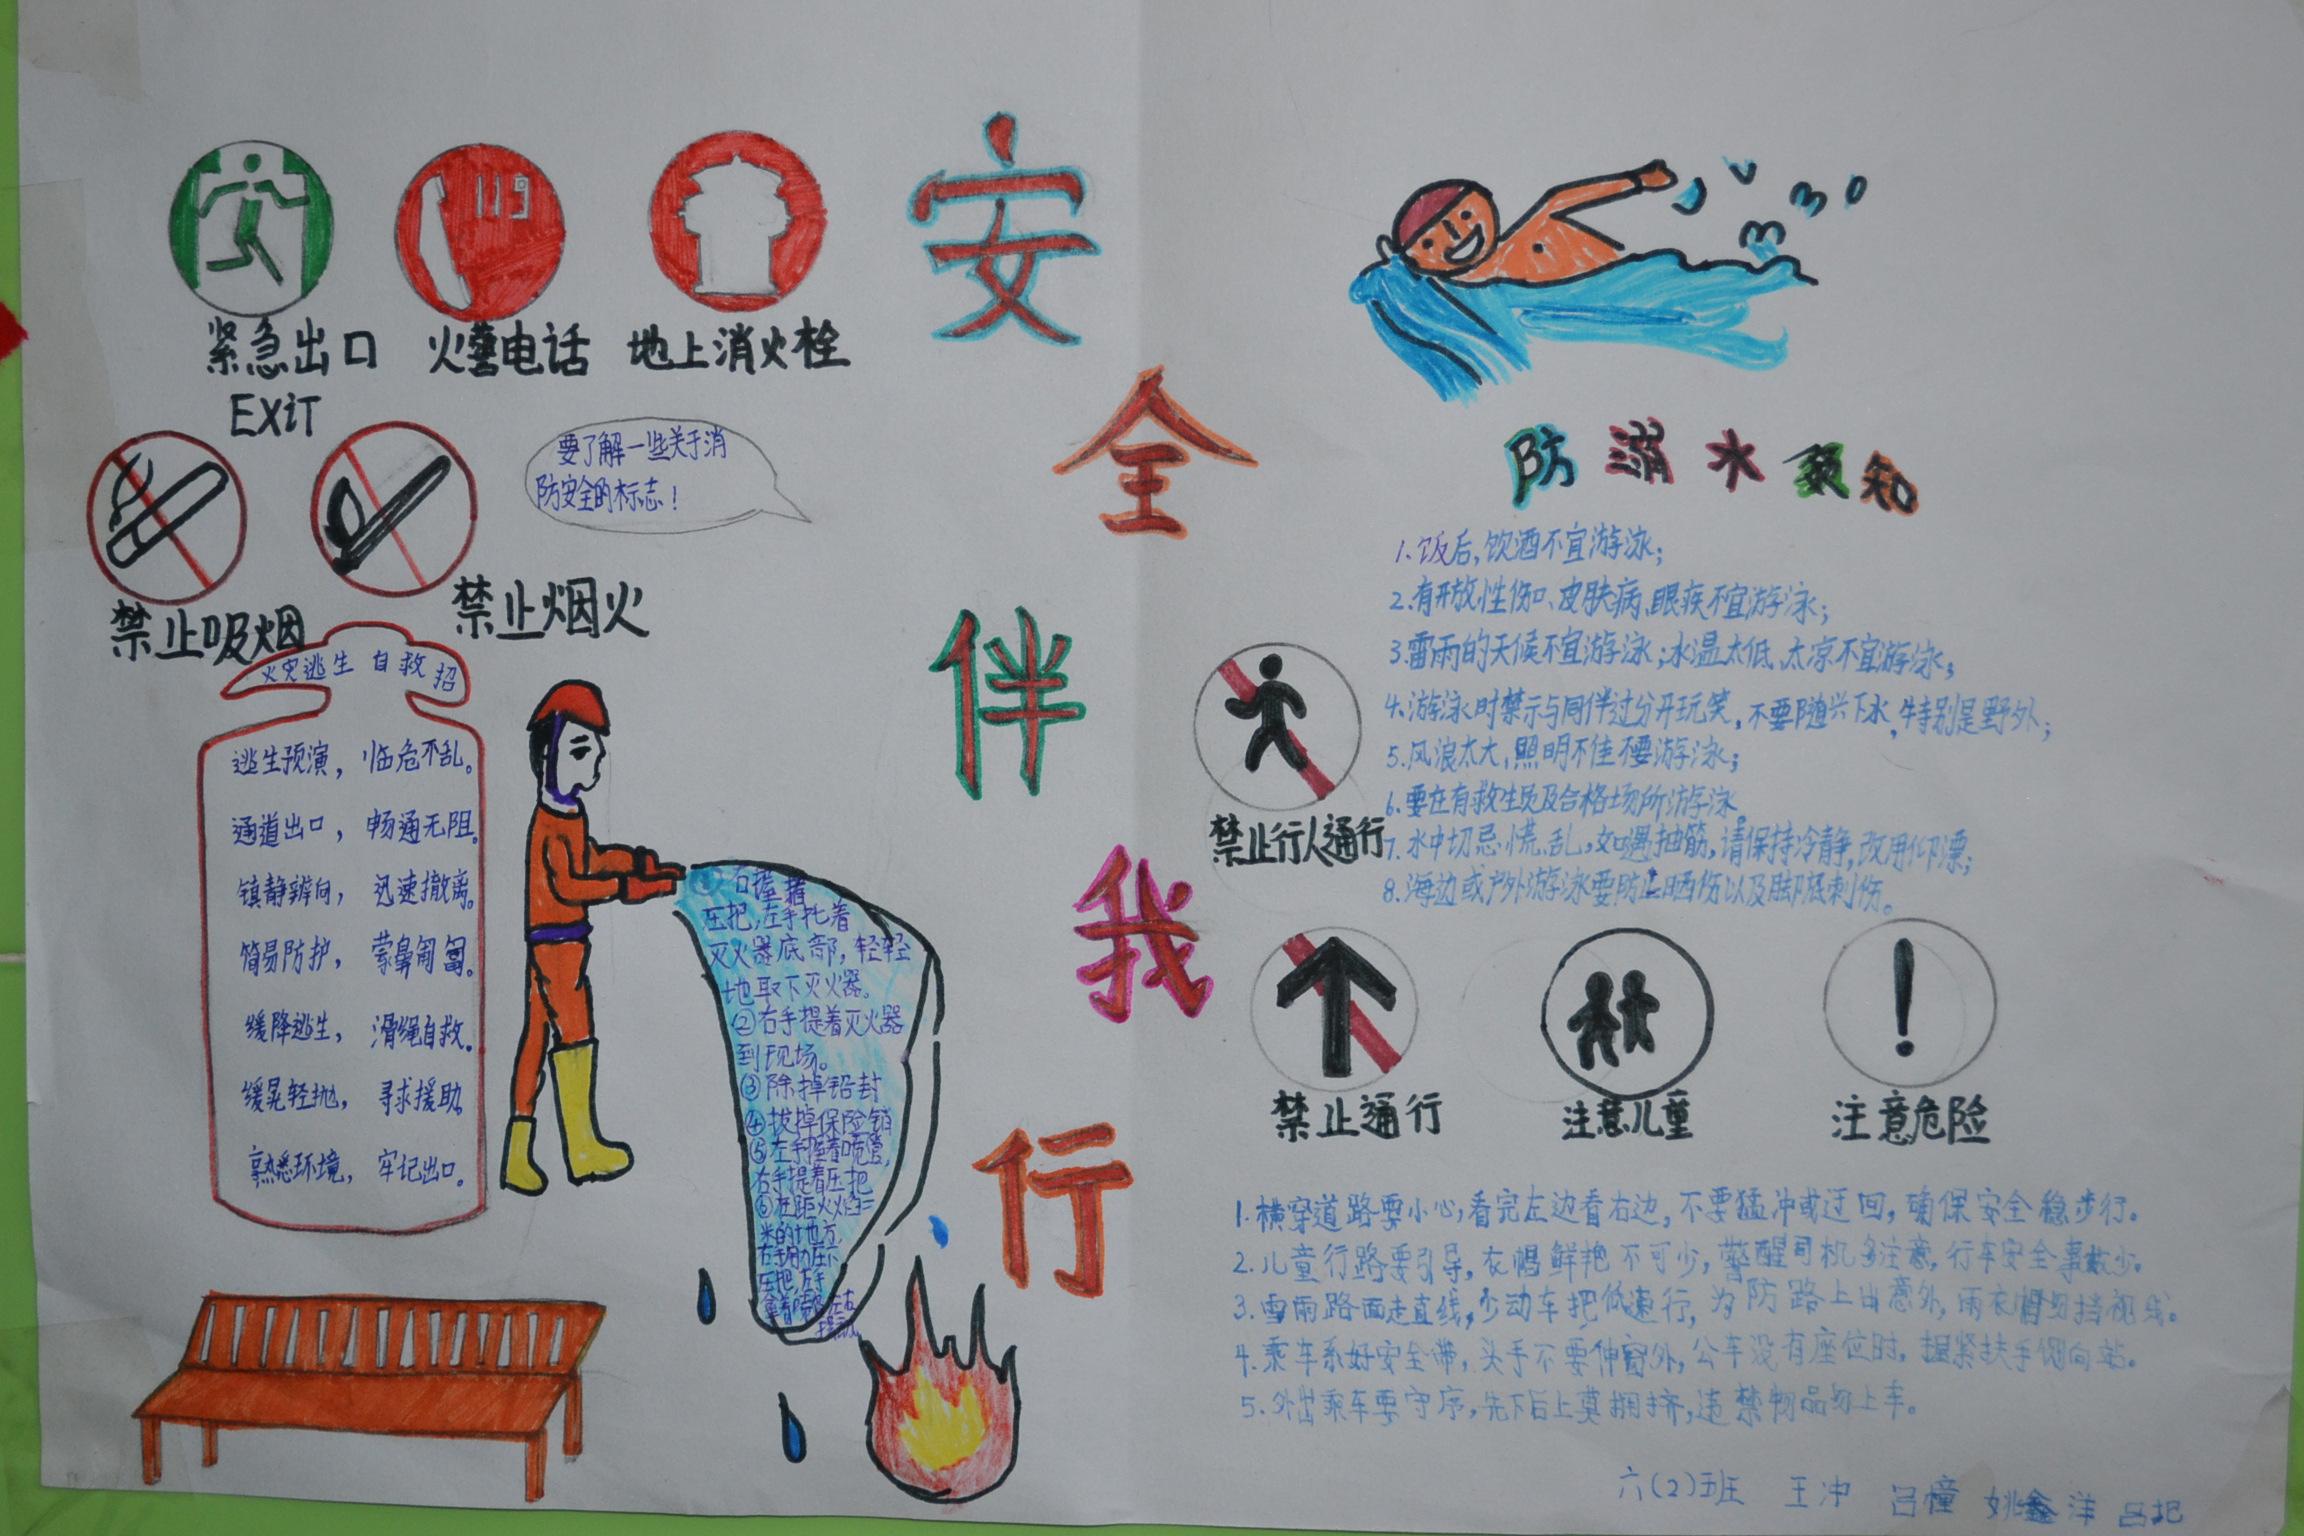 消防安全手抄报:消防安全手抄报版面设计图大全